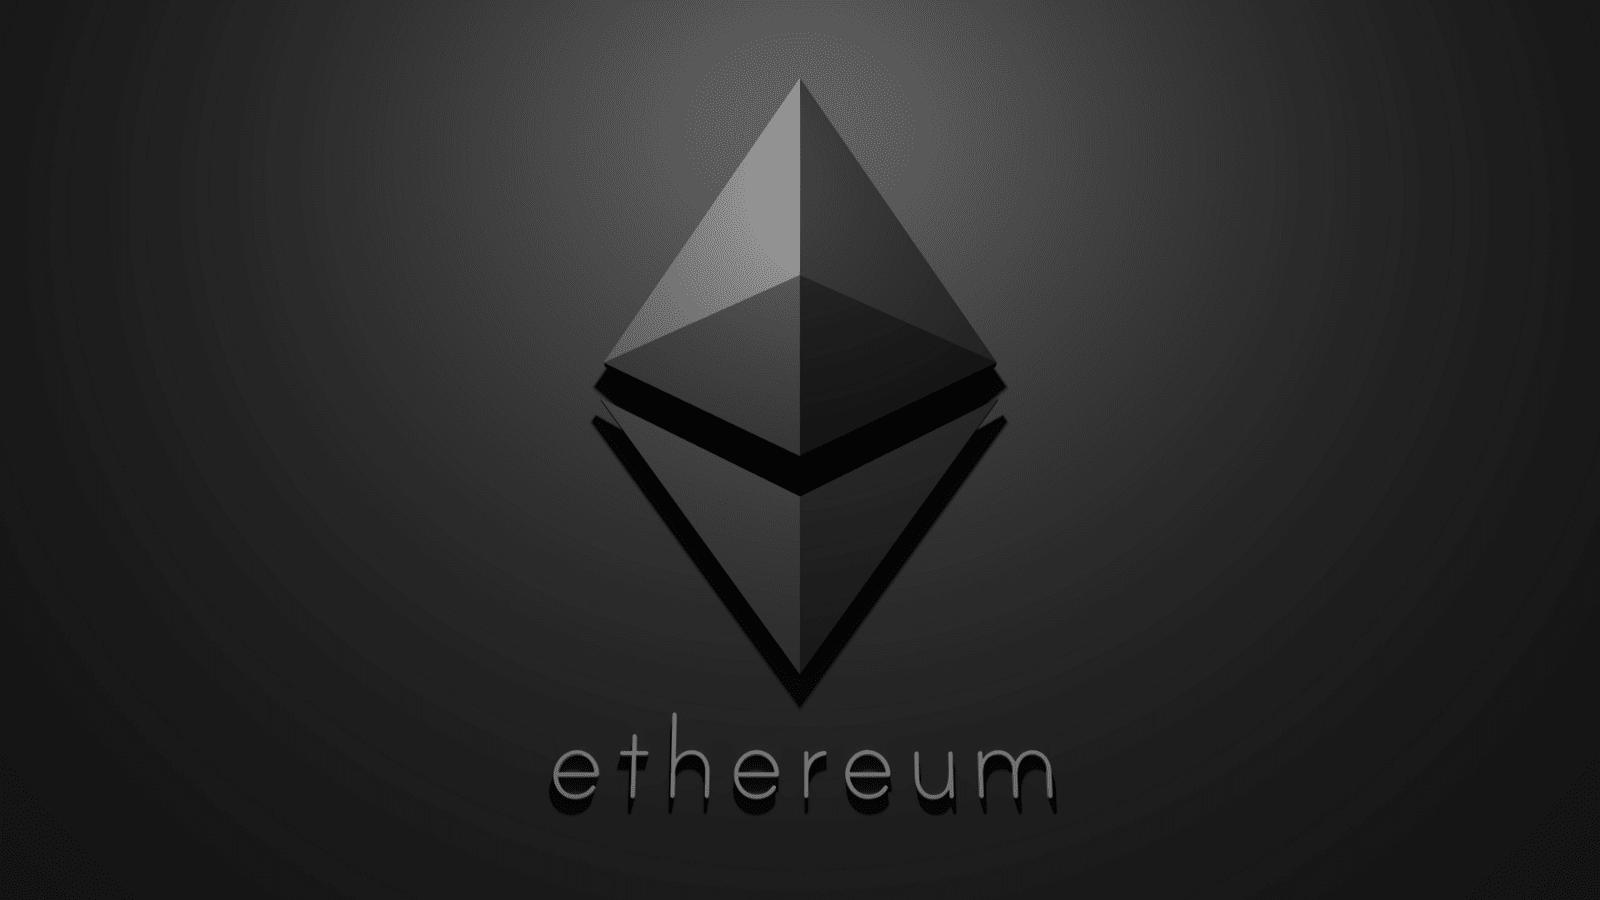 لوگوی اتریوم